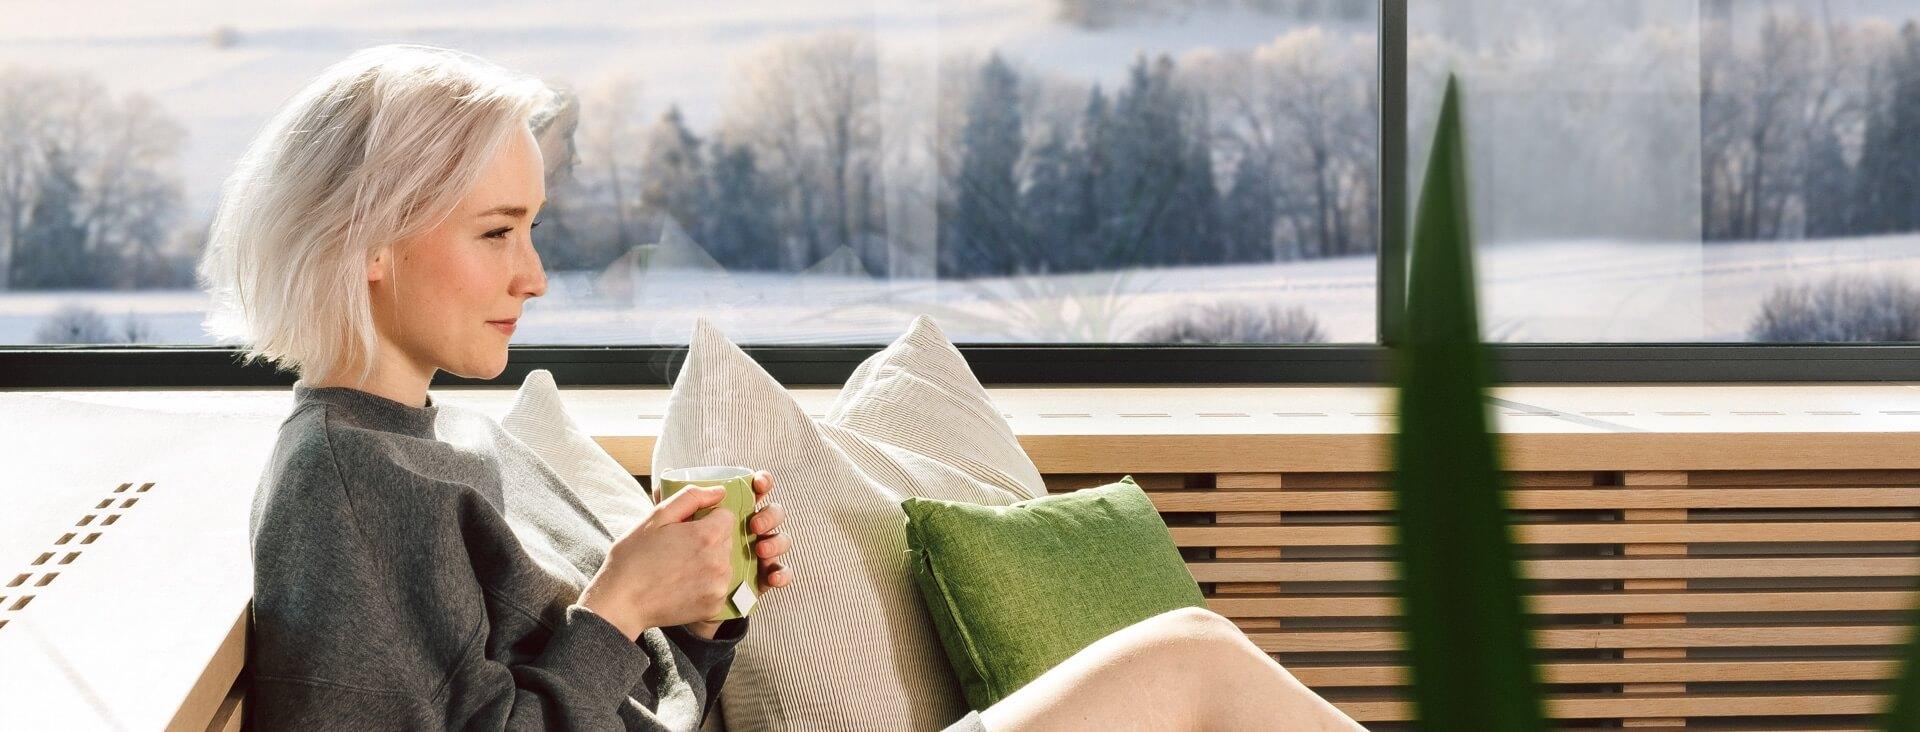 Frau mit Teetasse neben Heizung